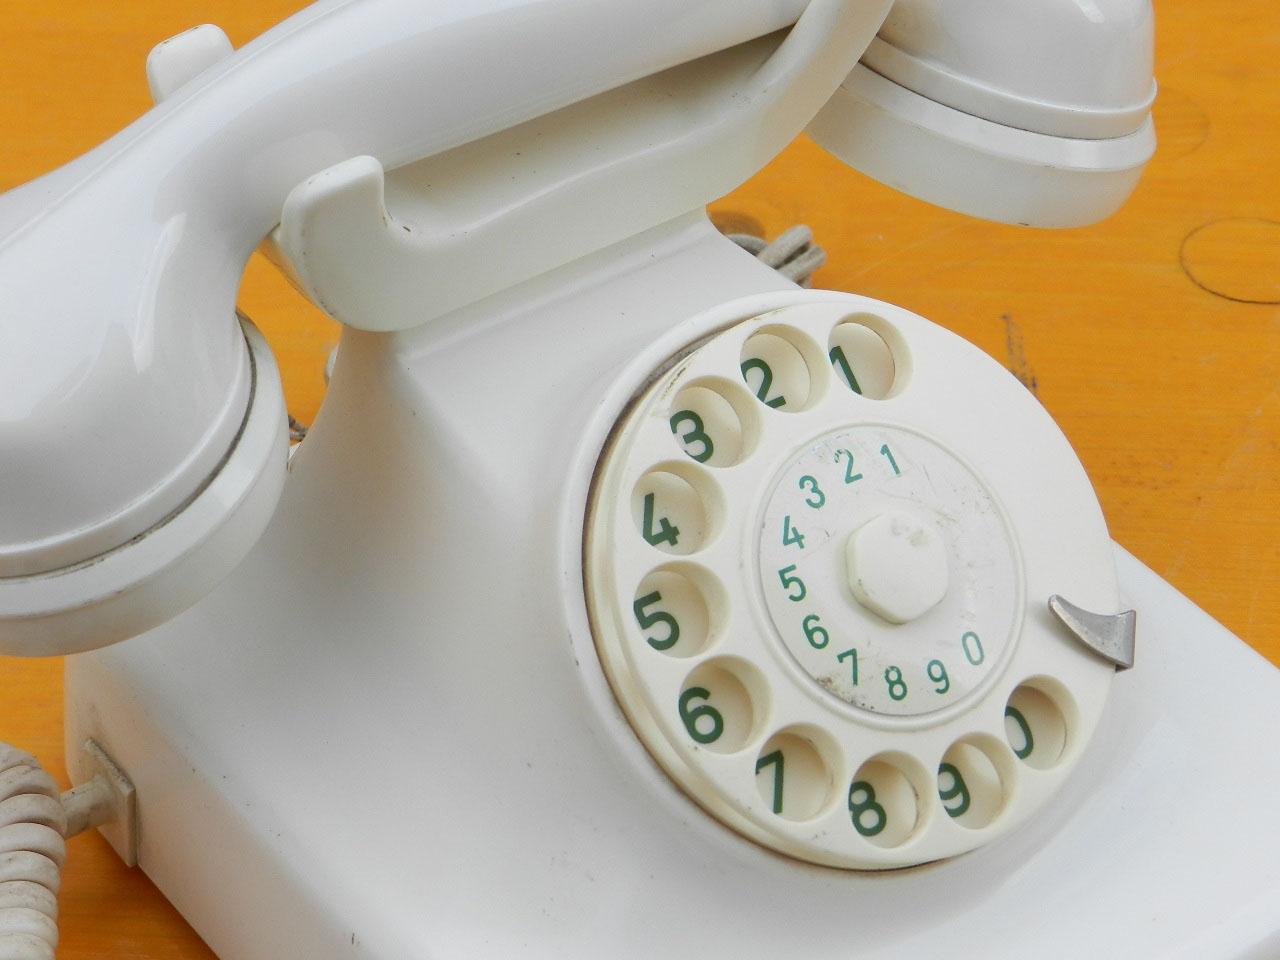 Imagen ANTIGUO TELÉFONO W48 AÑOS 50 23635